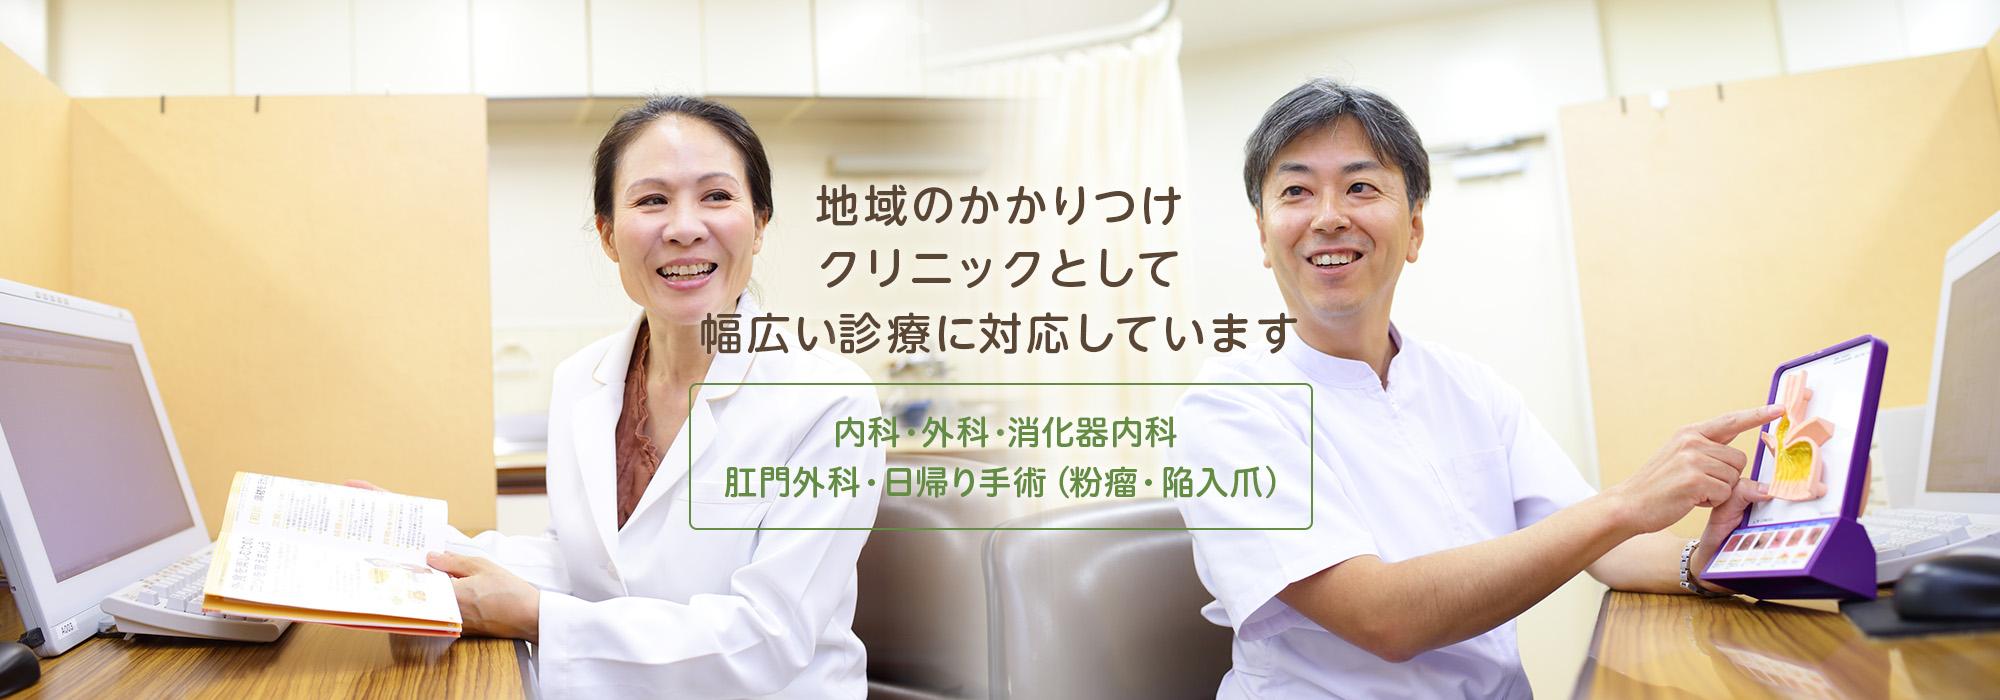 地域のかかりつけクリニックとして幅広い診療に対応しています